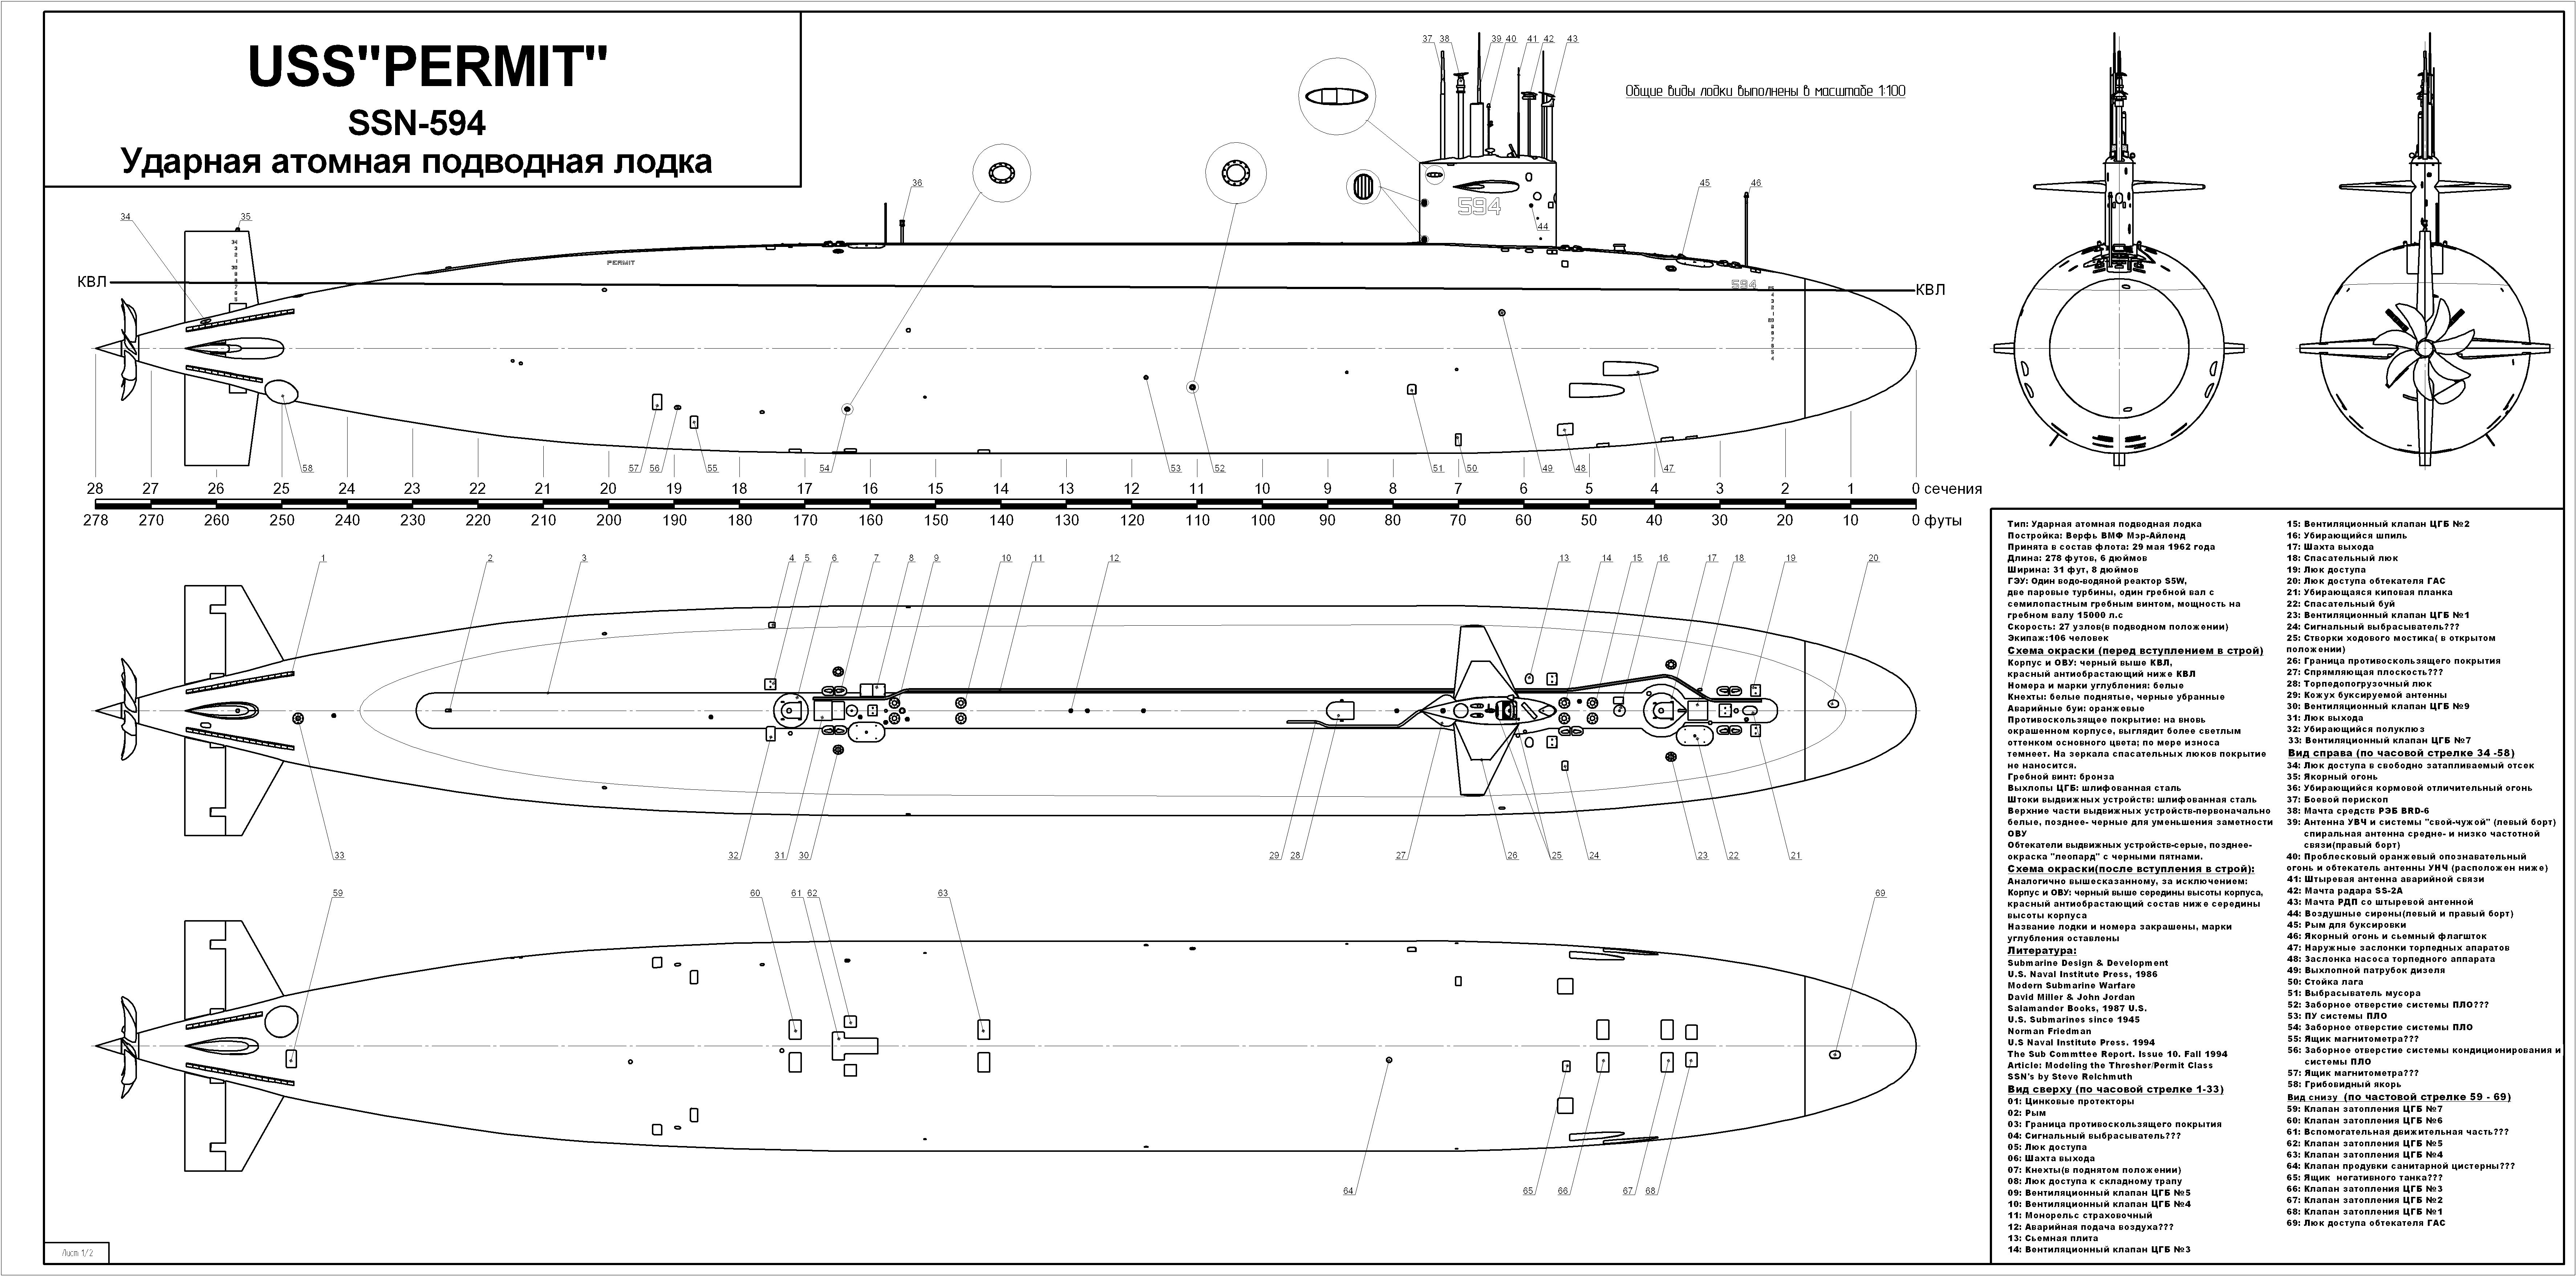 чертежи подводных атомных лодок